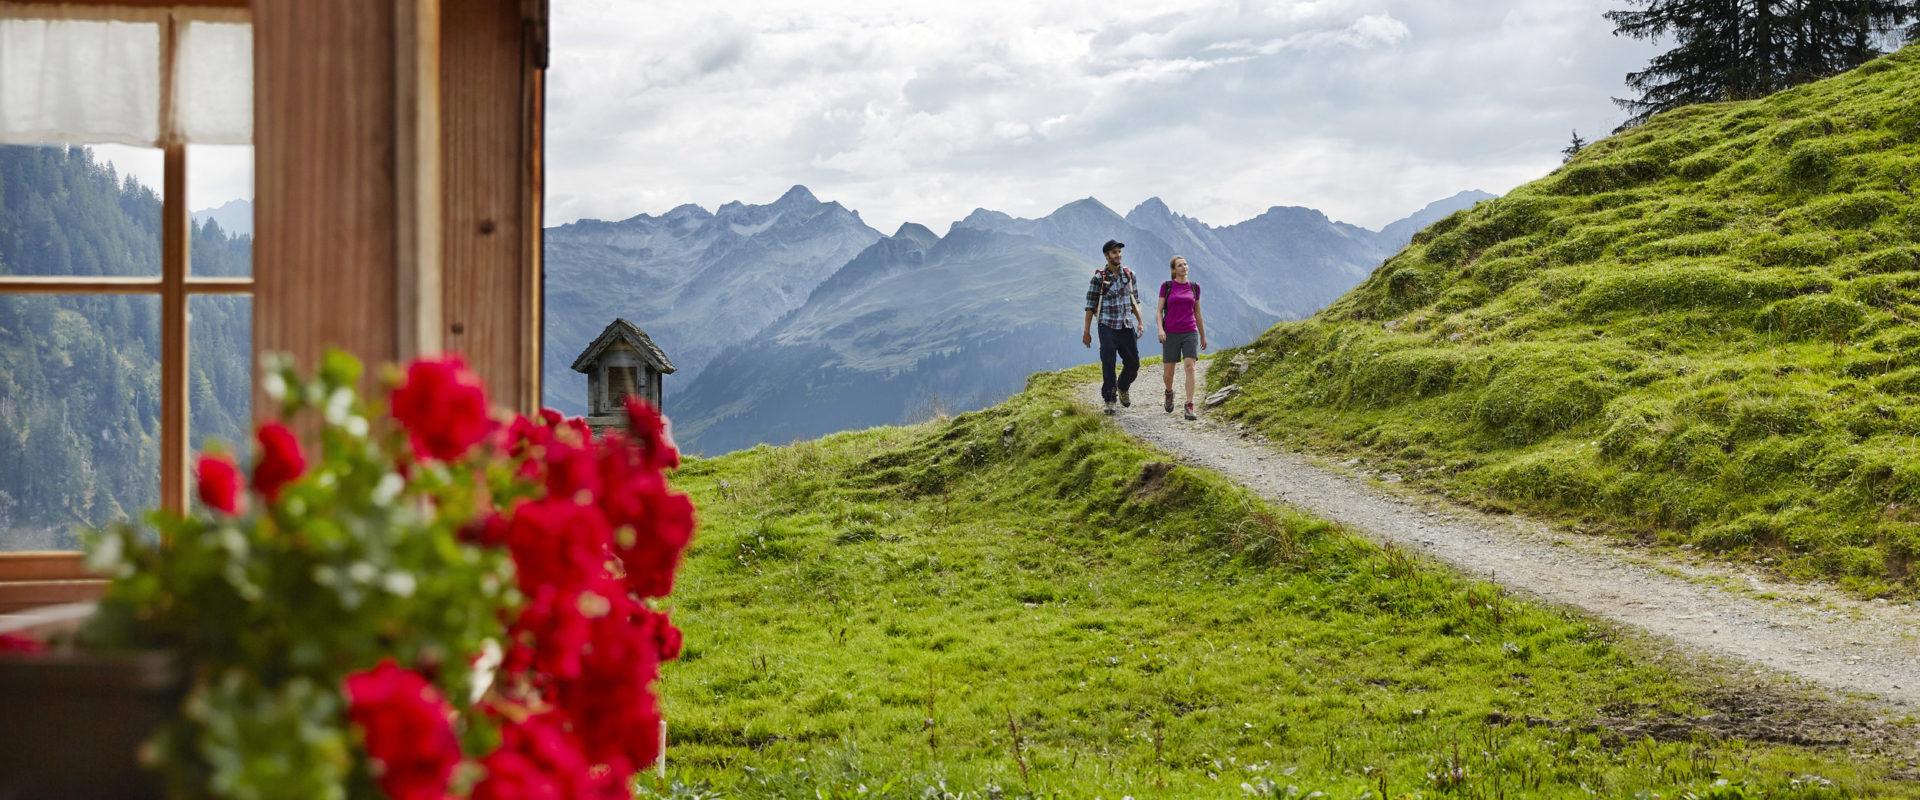 Wandern_Alpe Sattelegg © Adolf Bereuter / Bregenzerwald Tourismus